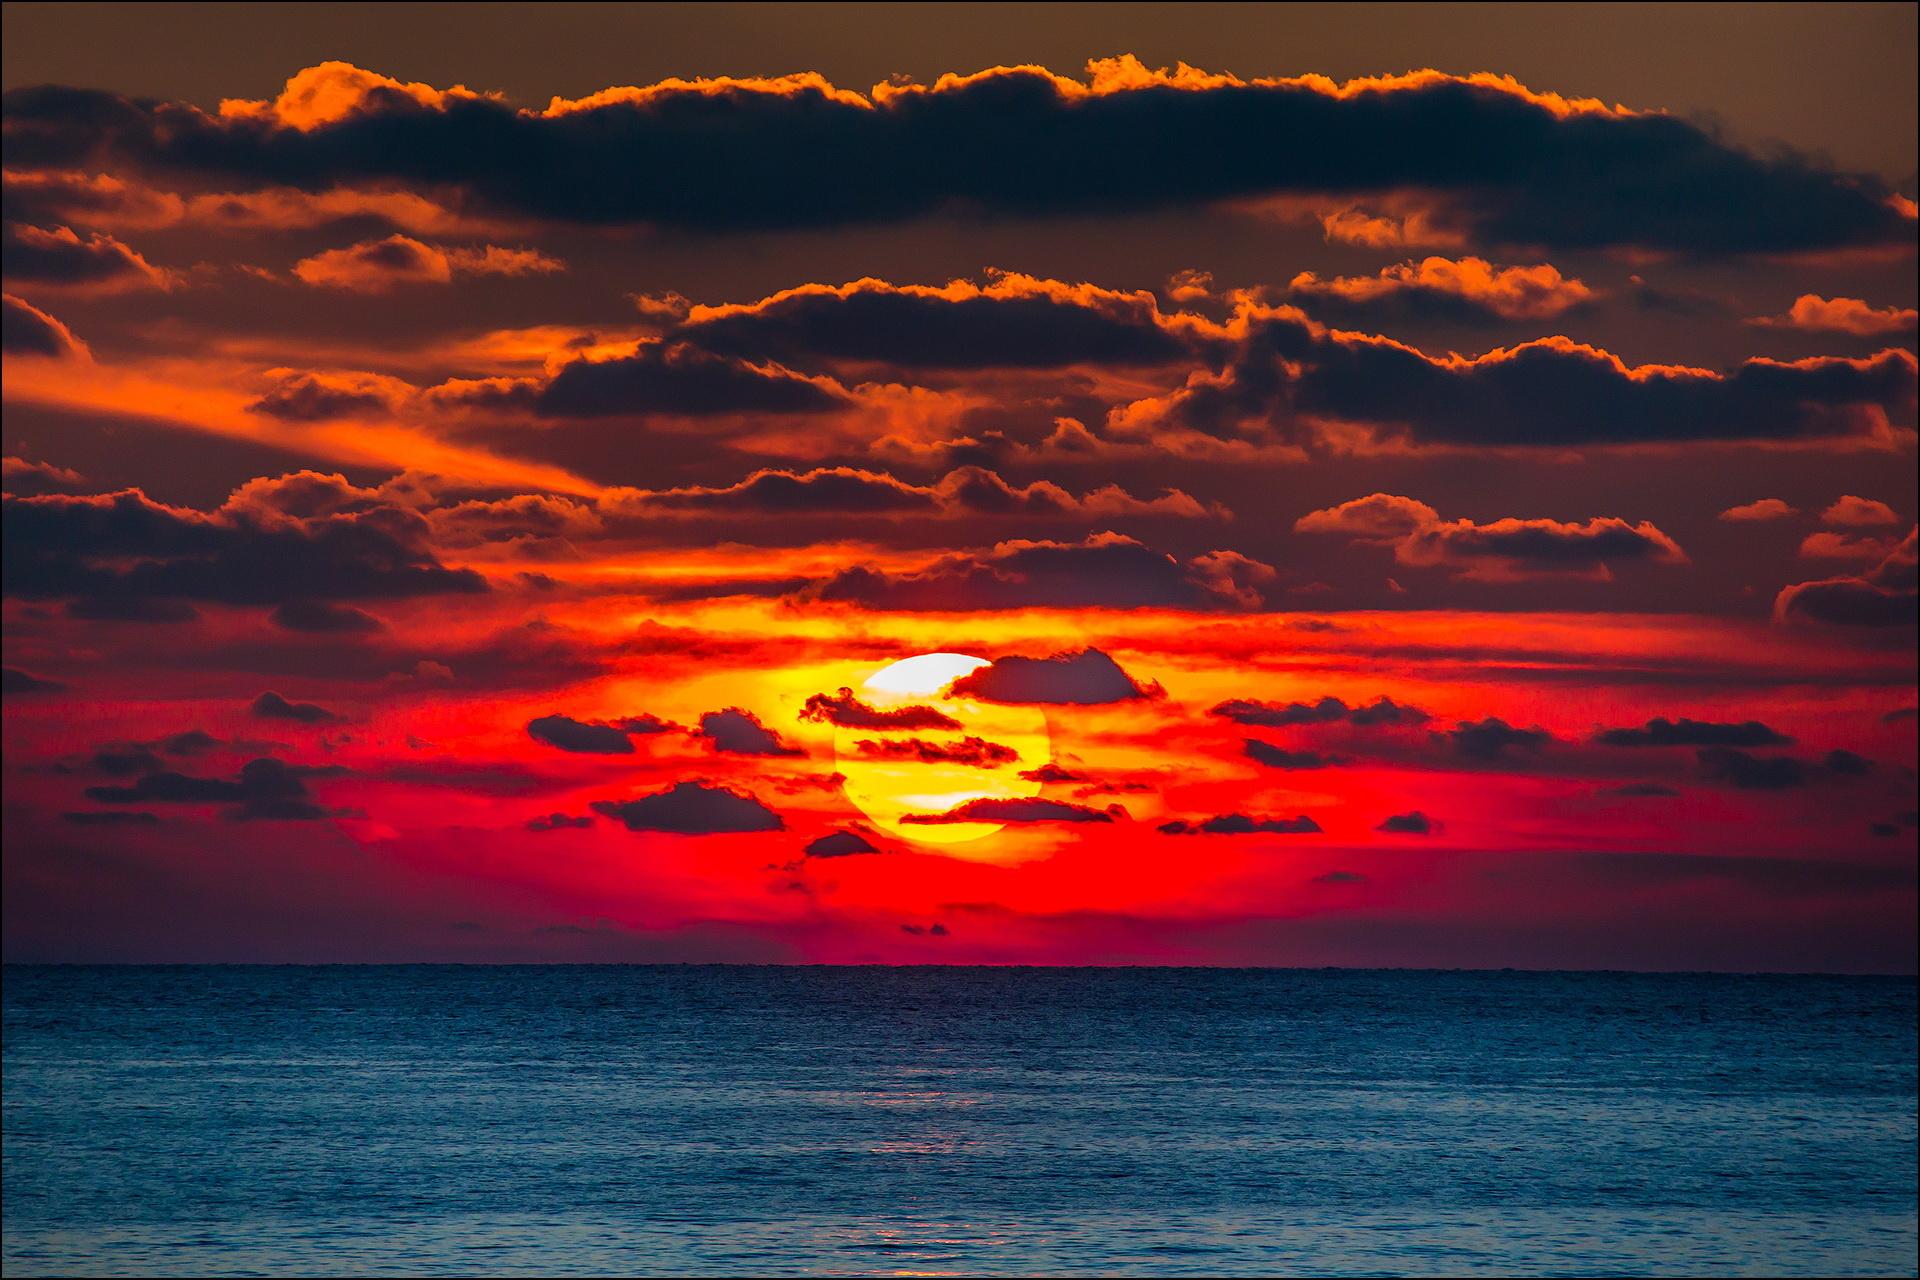 День Черного моря. Закат над морем